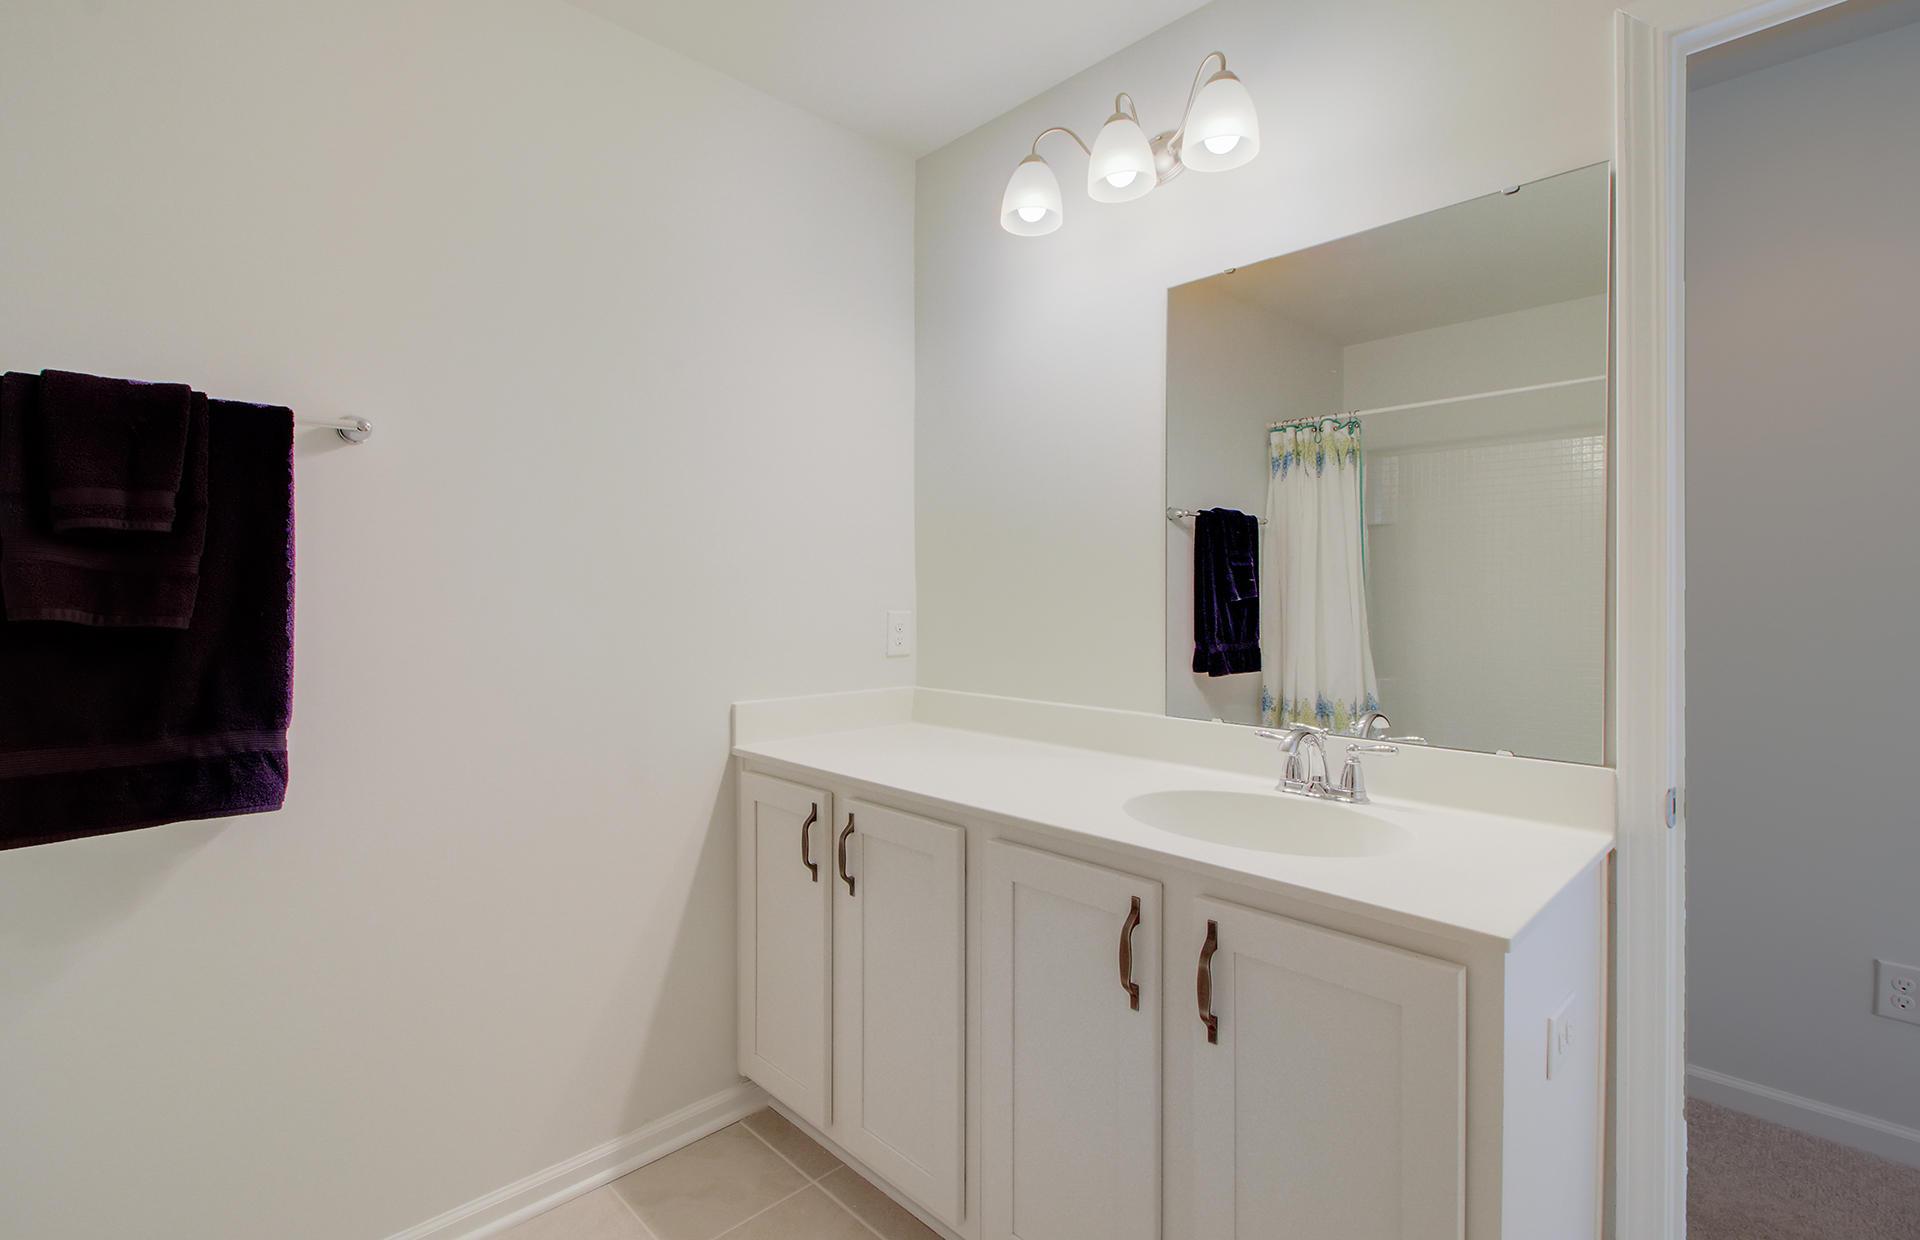 Park West Homes For Sale - 2569 Kingsfield, Mount Pleasant, SC - 16